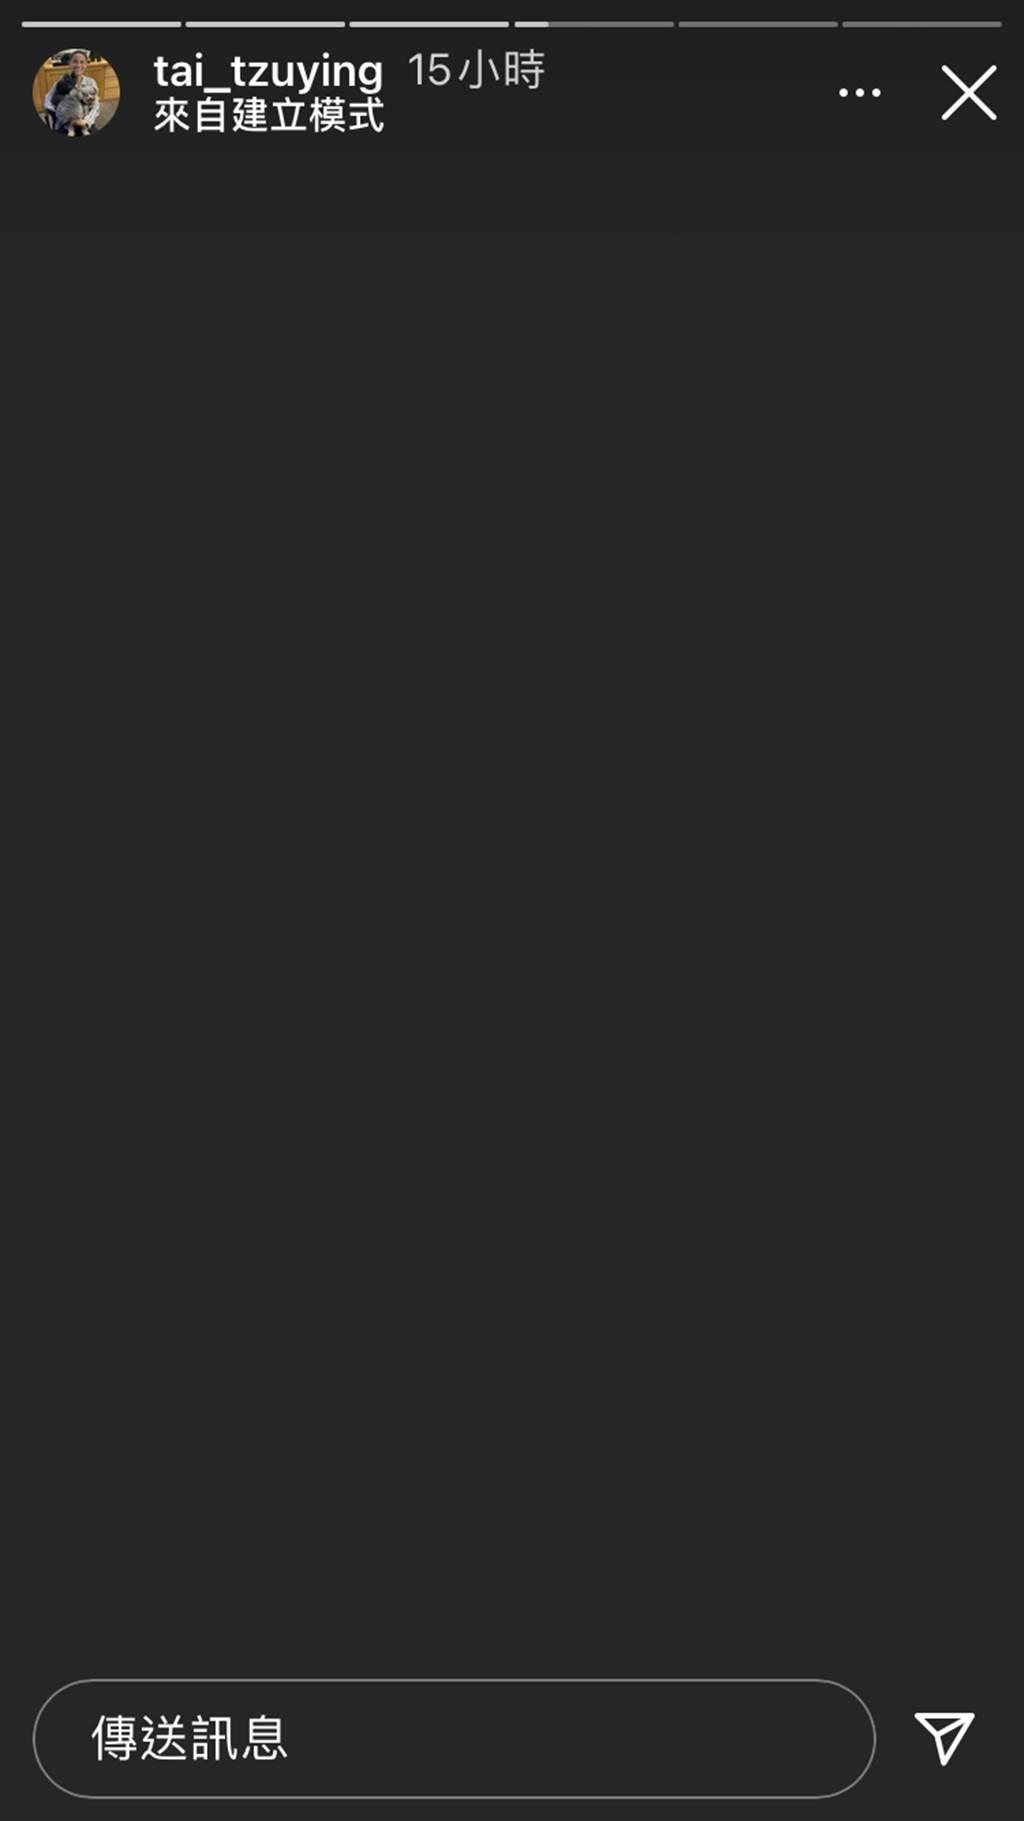 戴資穎昨返台後突然在限時動態發出全黑畫面。(圖/翻攝自 IG)